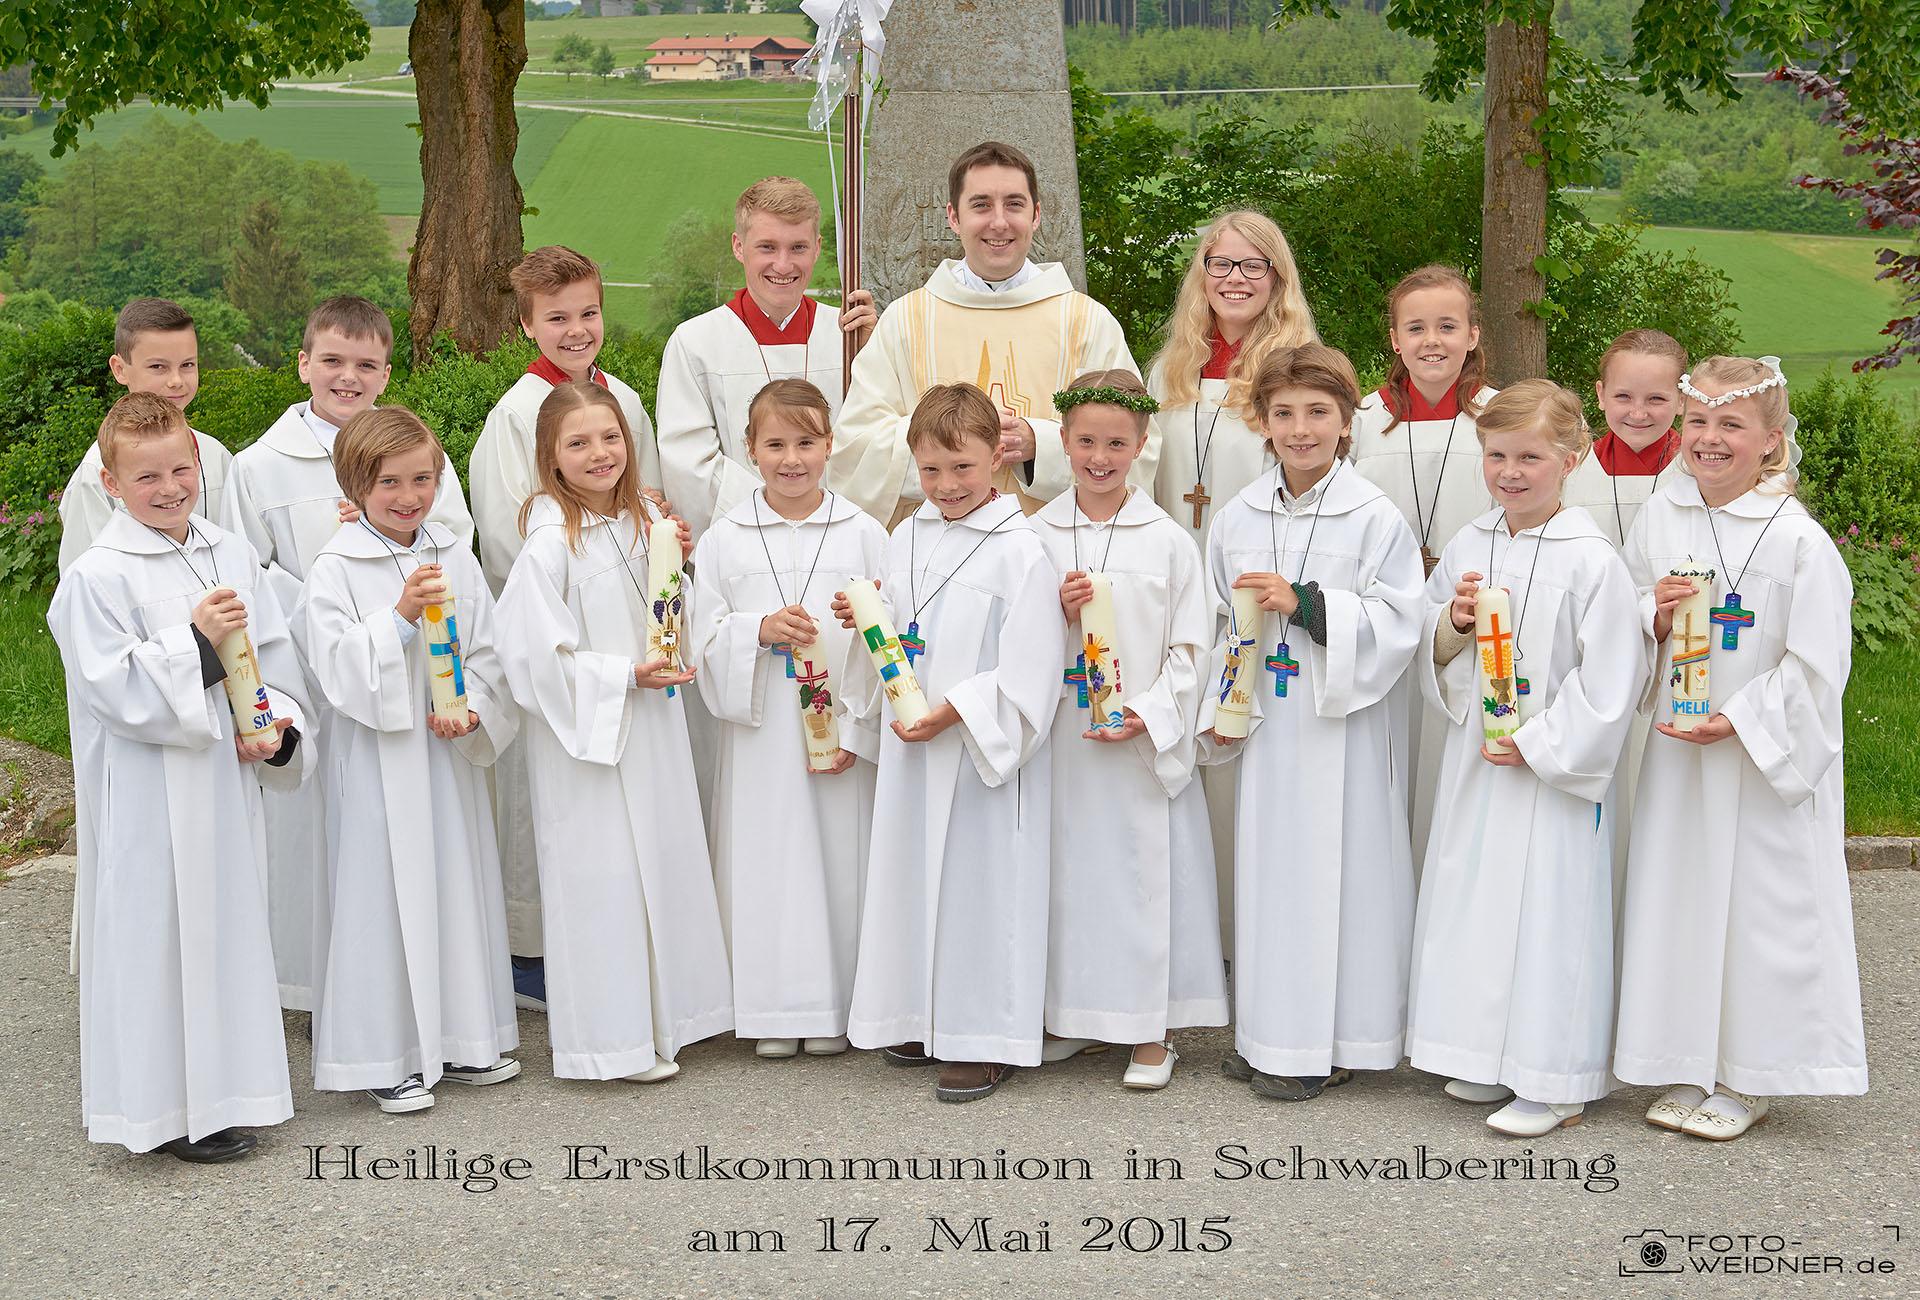 Gruppenfoto Erstkommunion Schwabering 2015